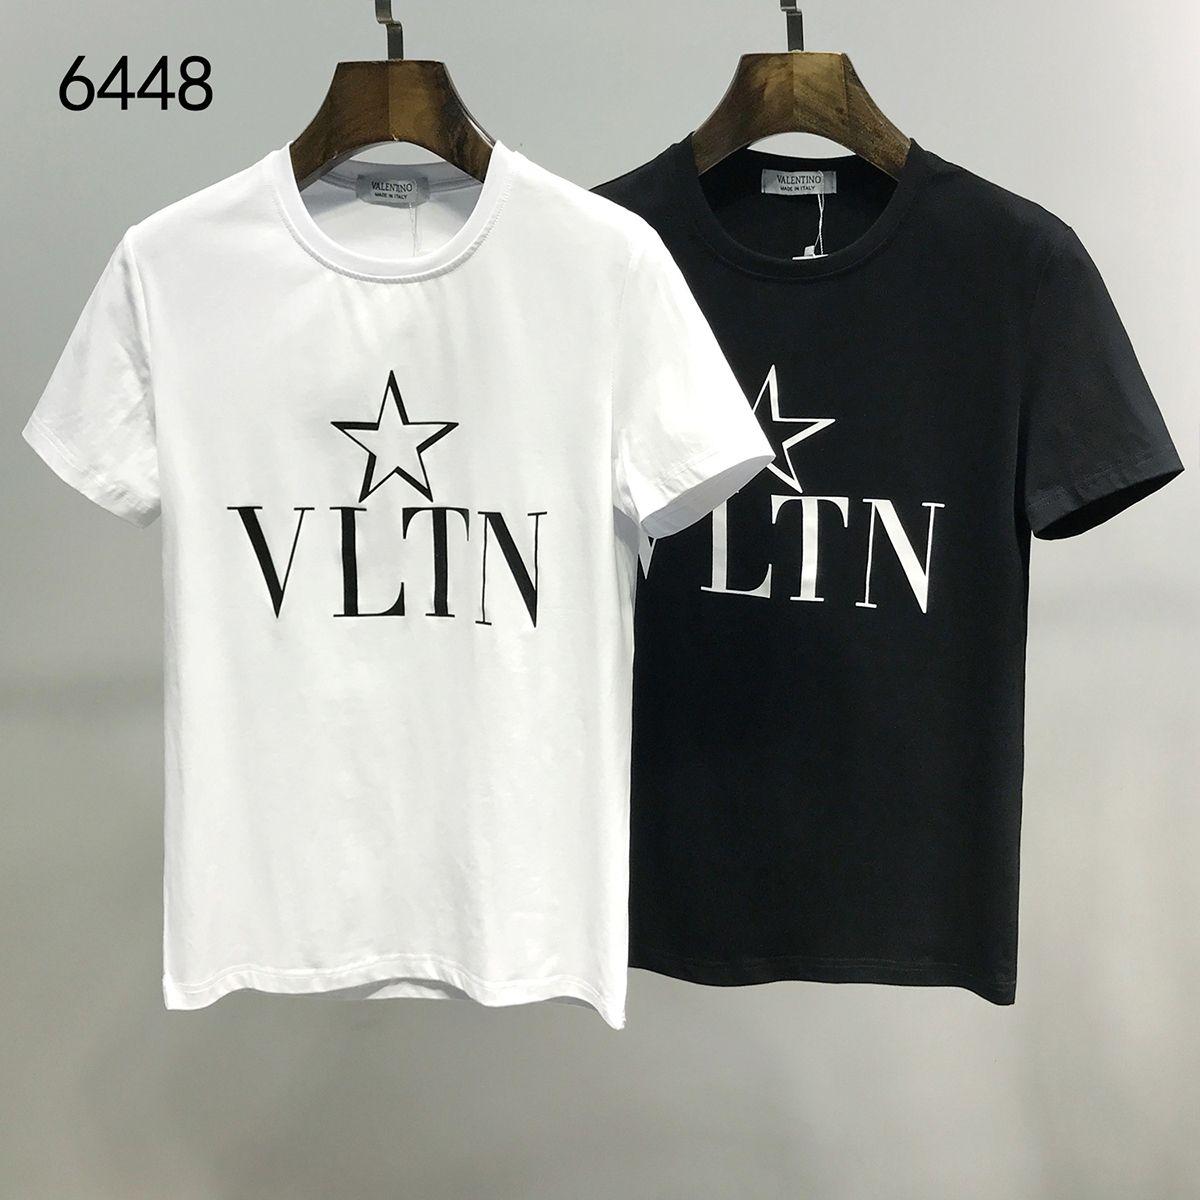 2020 여름 패션 남성 여성 베일 런 편지 T 셔츠 # 011 유럽 오프 럭셔리 캐주얼 스트리트 짧은 소매 셔츠 화이트 프린트 티셔츠 메두사